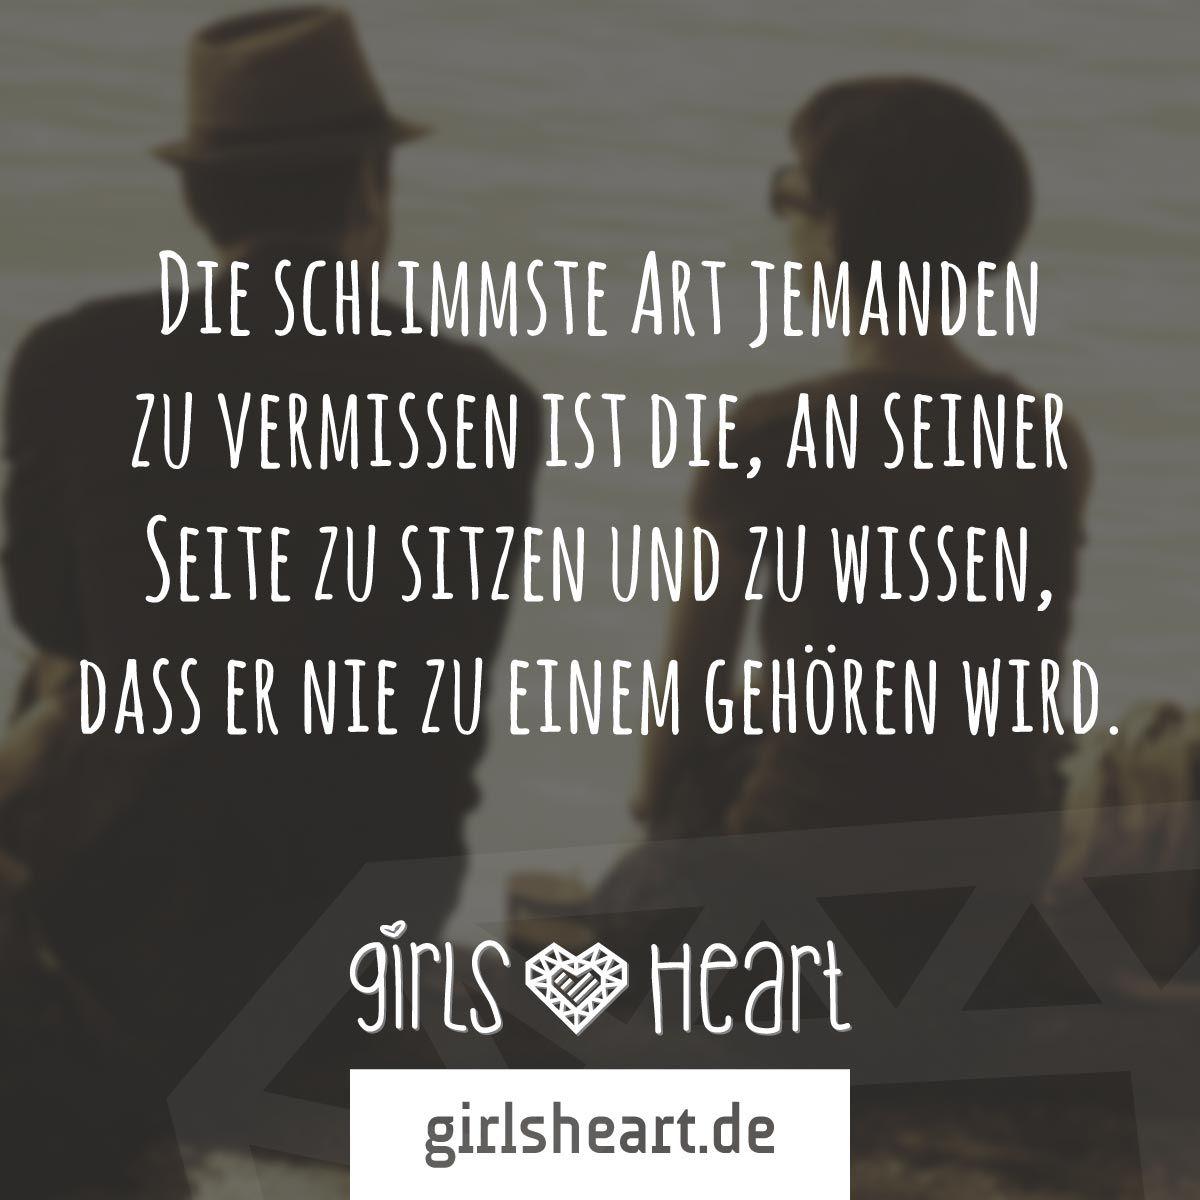 mehr sprüche auf: www.girlsheart.de #liebe #sehnsucht #vermissen